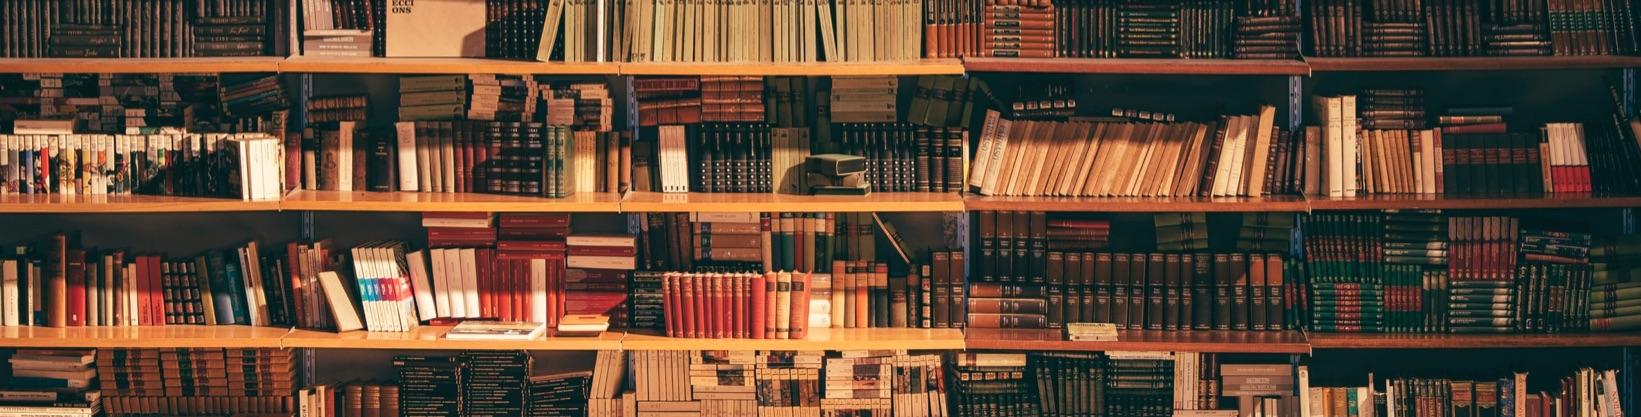 ALI – Confcommercio – Osservatorio sulle librerie in Italiane realizzato con Format Research.